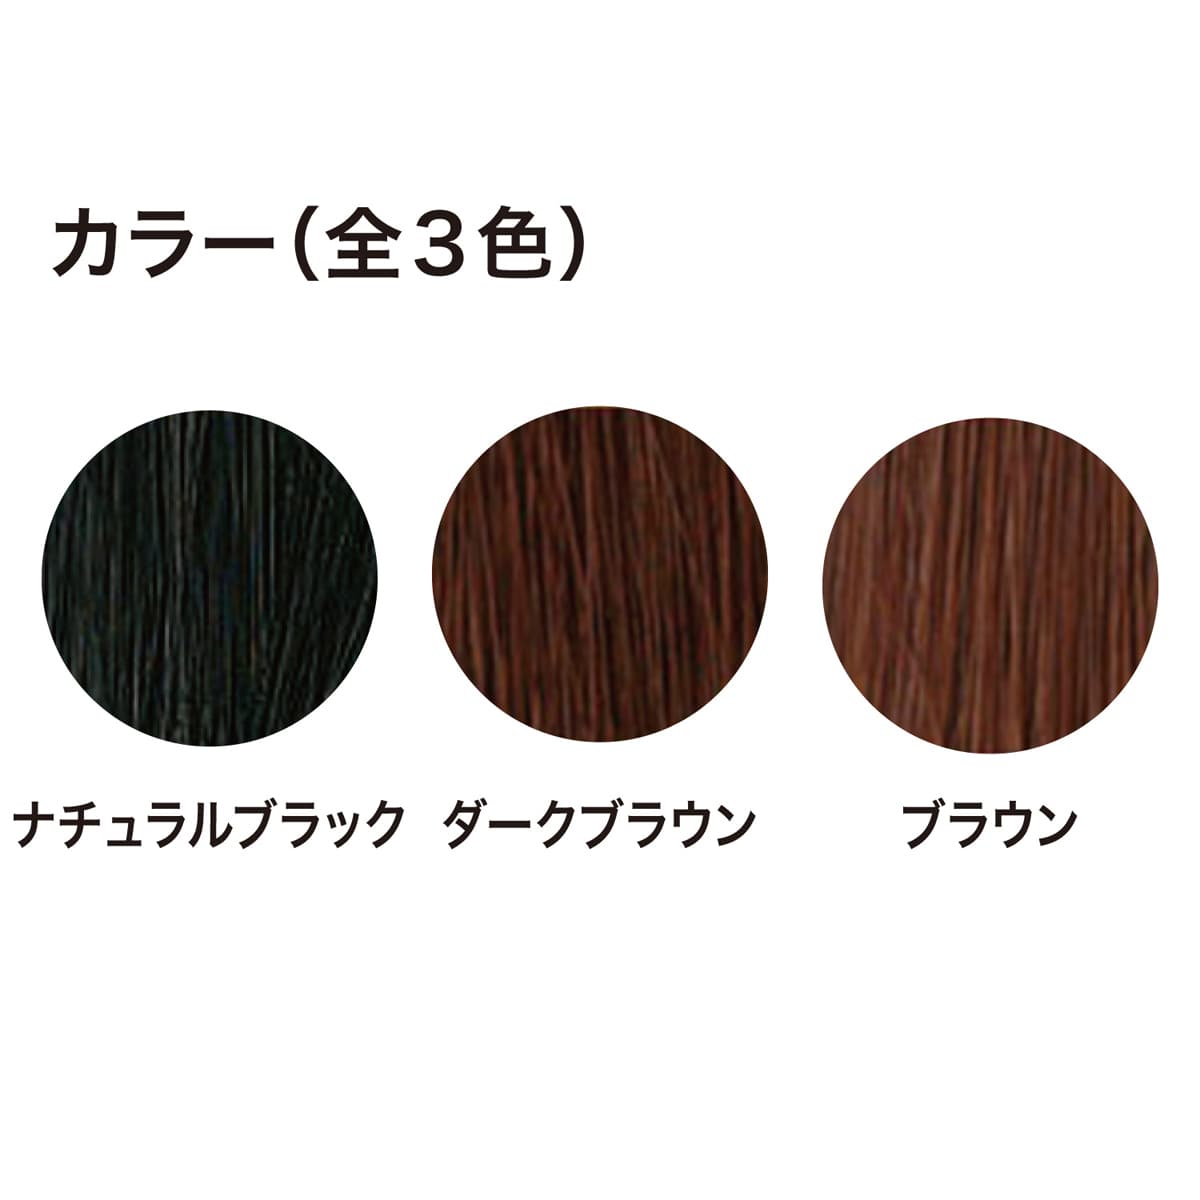 アートミクロンプラビ パウダー(8g) 【2本まとめ買い】